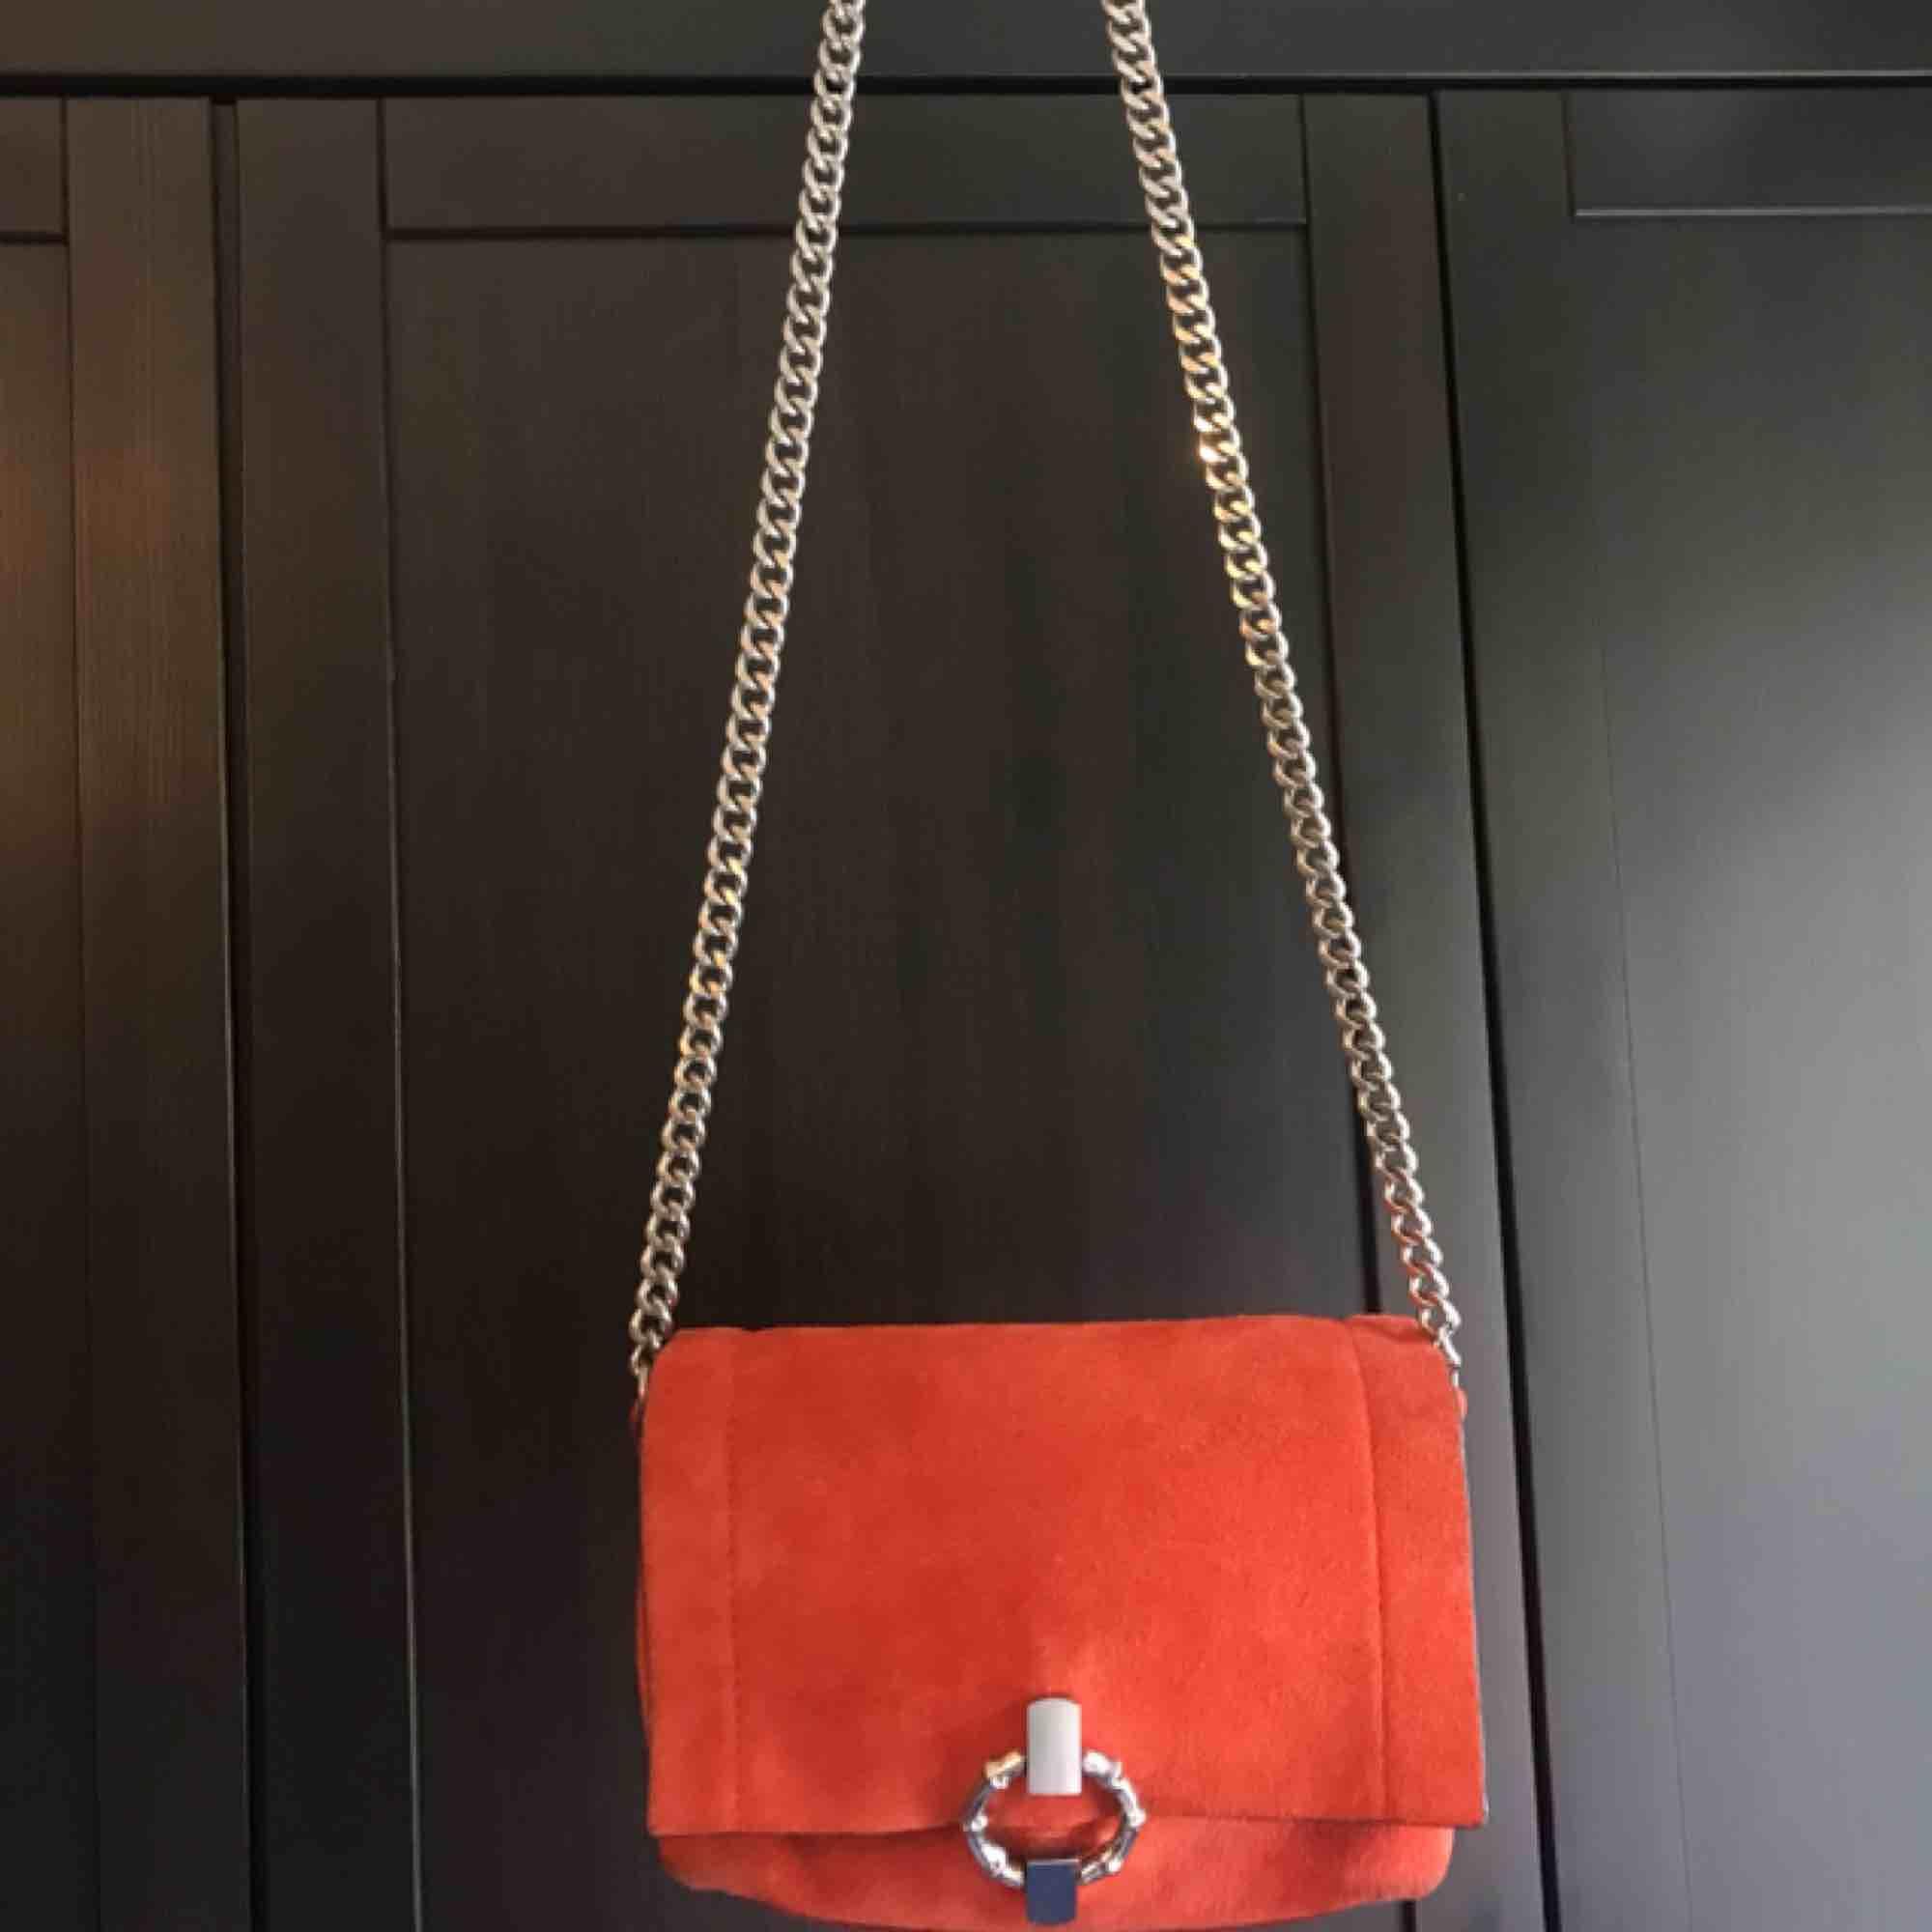 Väska från Zara i orange med kedja. Lite slitningar på baksidan som inte syns när den används. Väskor.